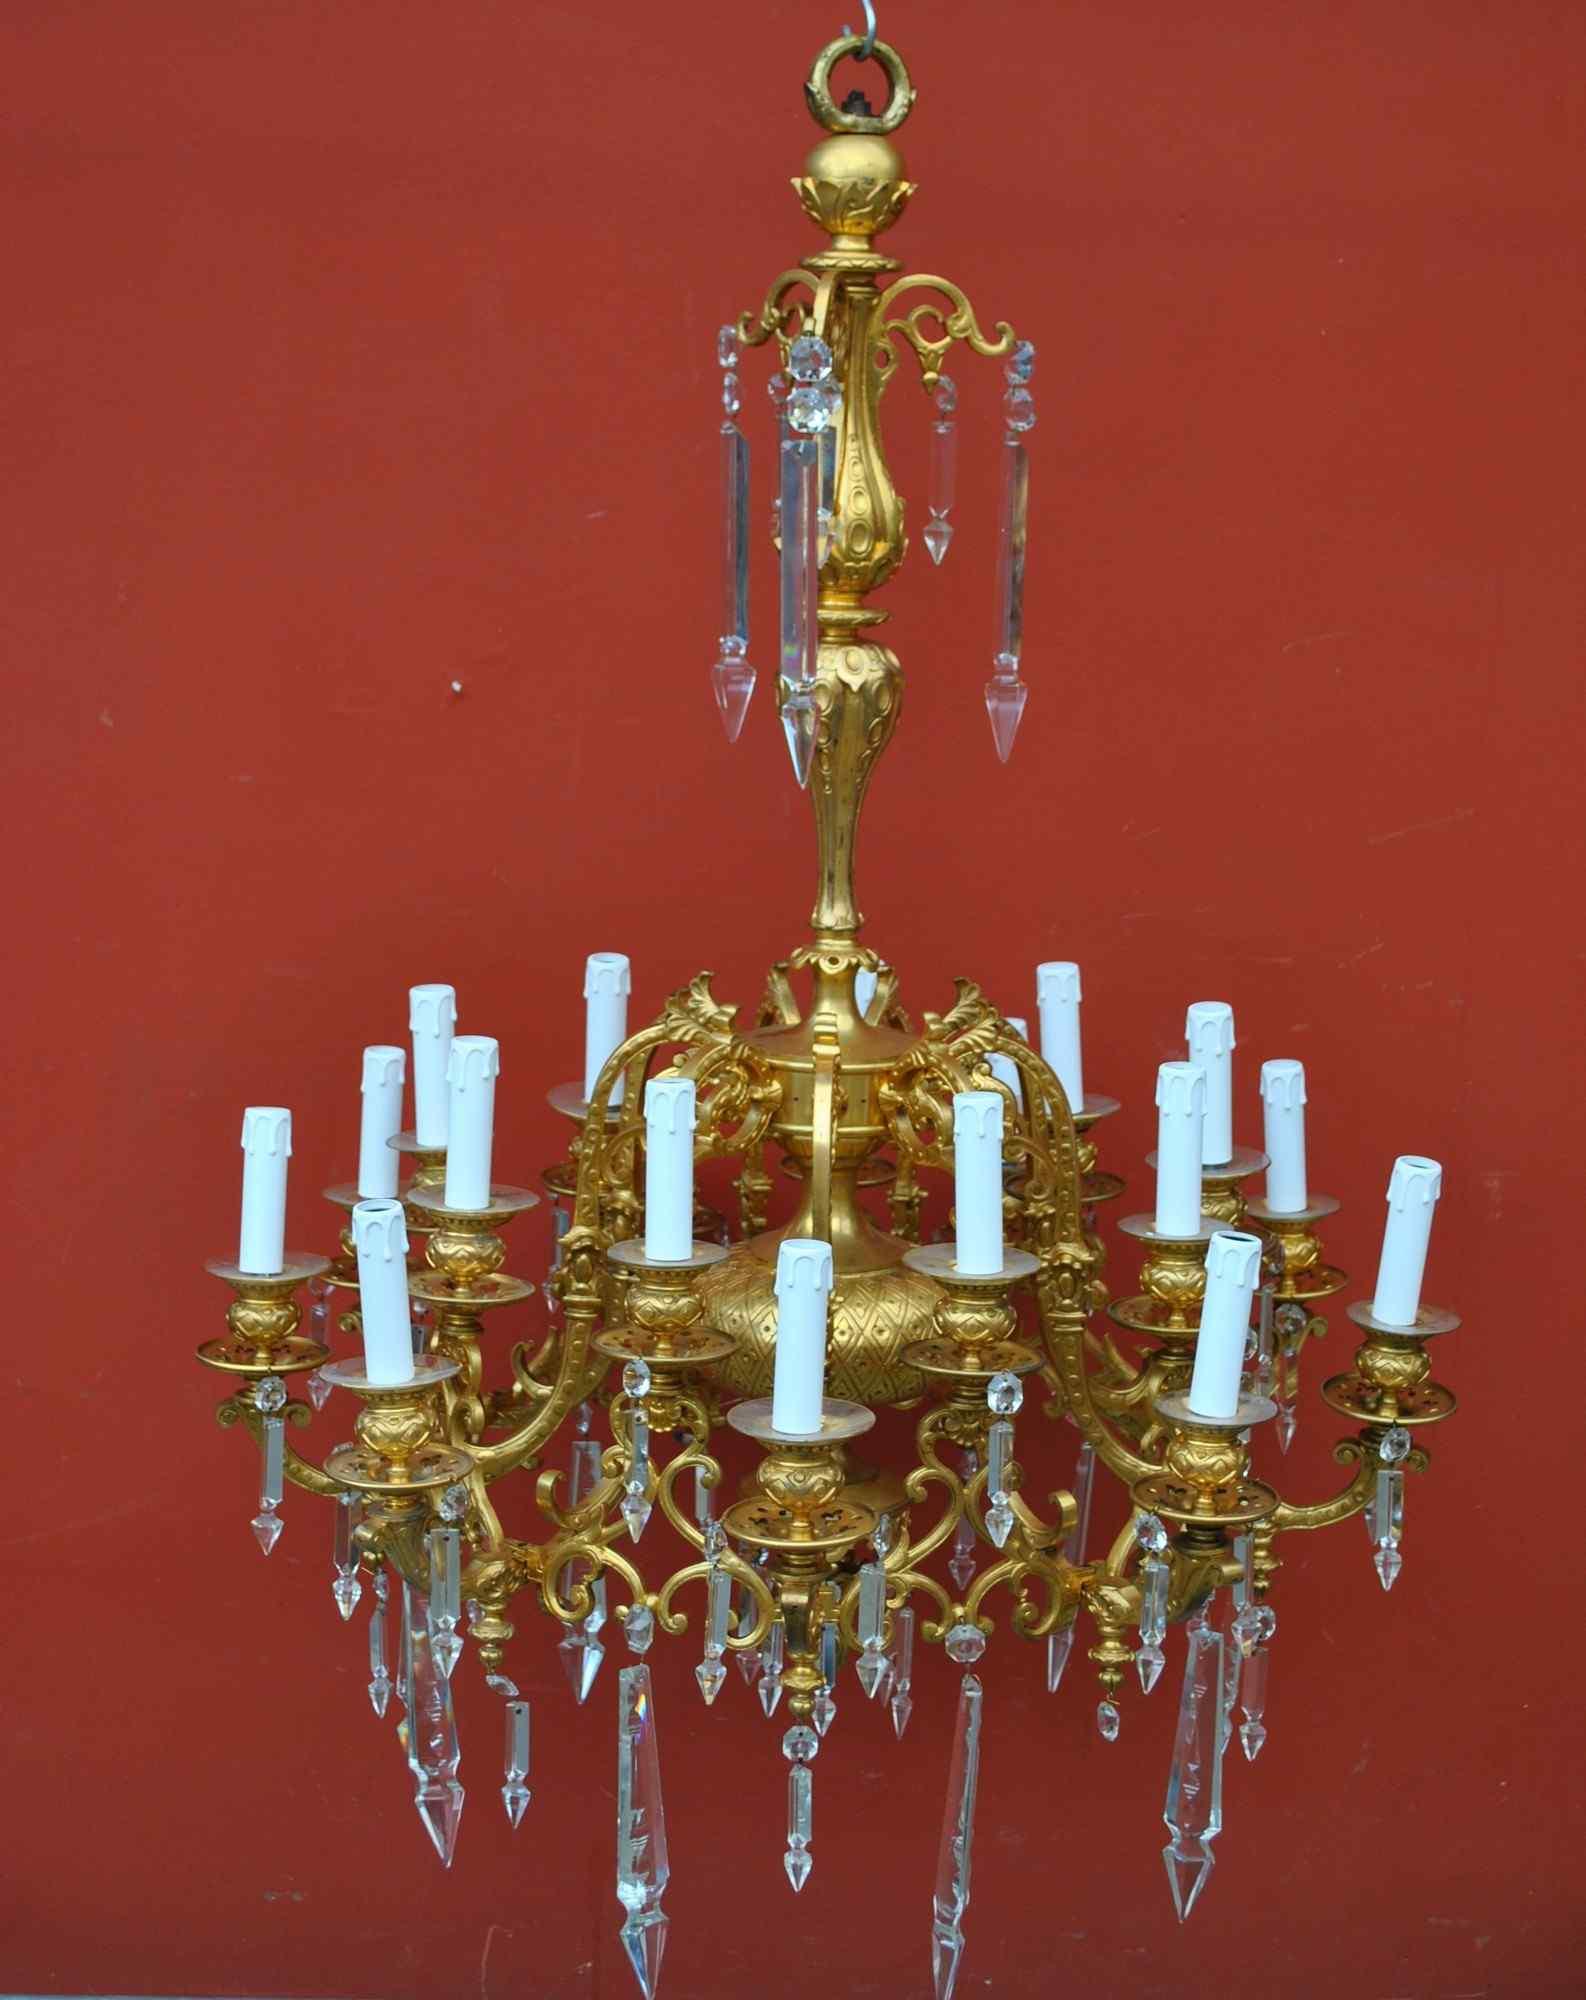 Lampadario in bronzo e cristallo, orientaleggiante, XIX seco